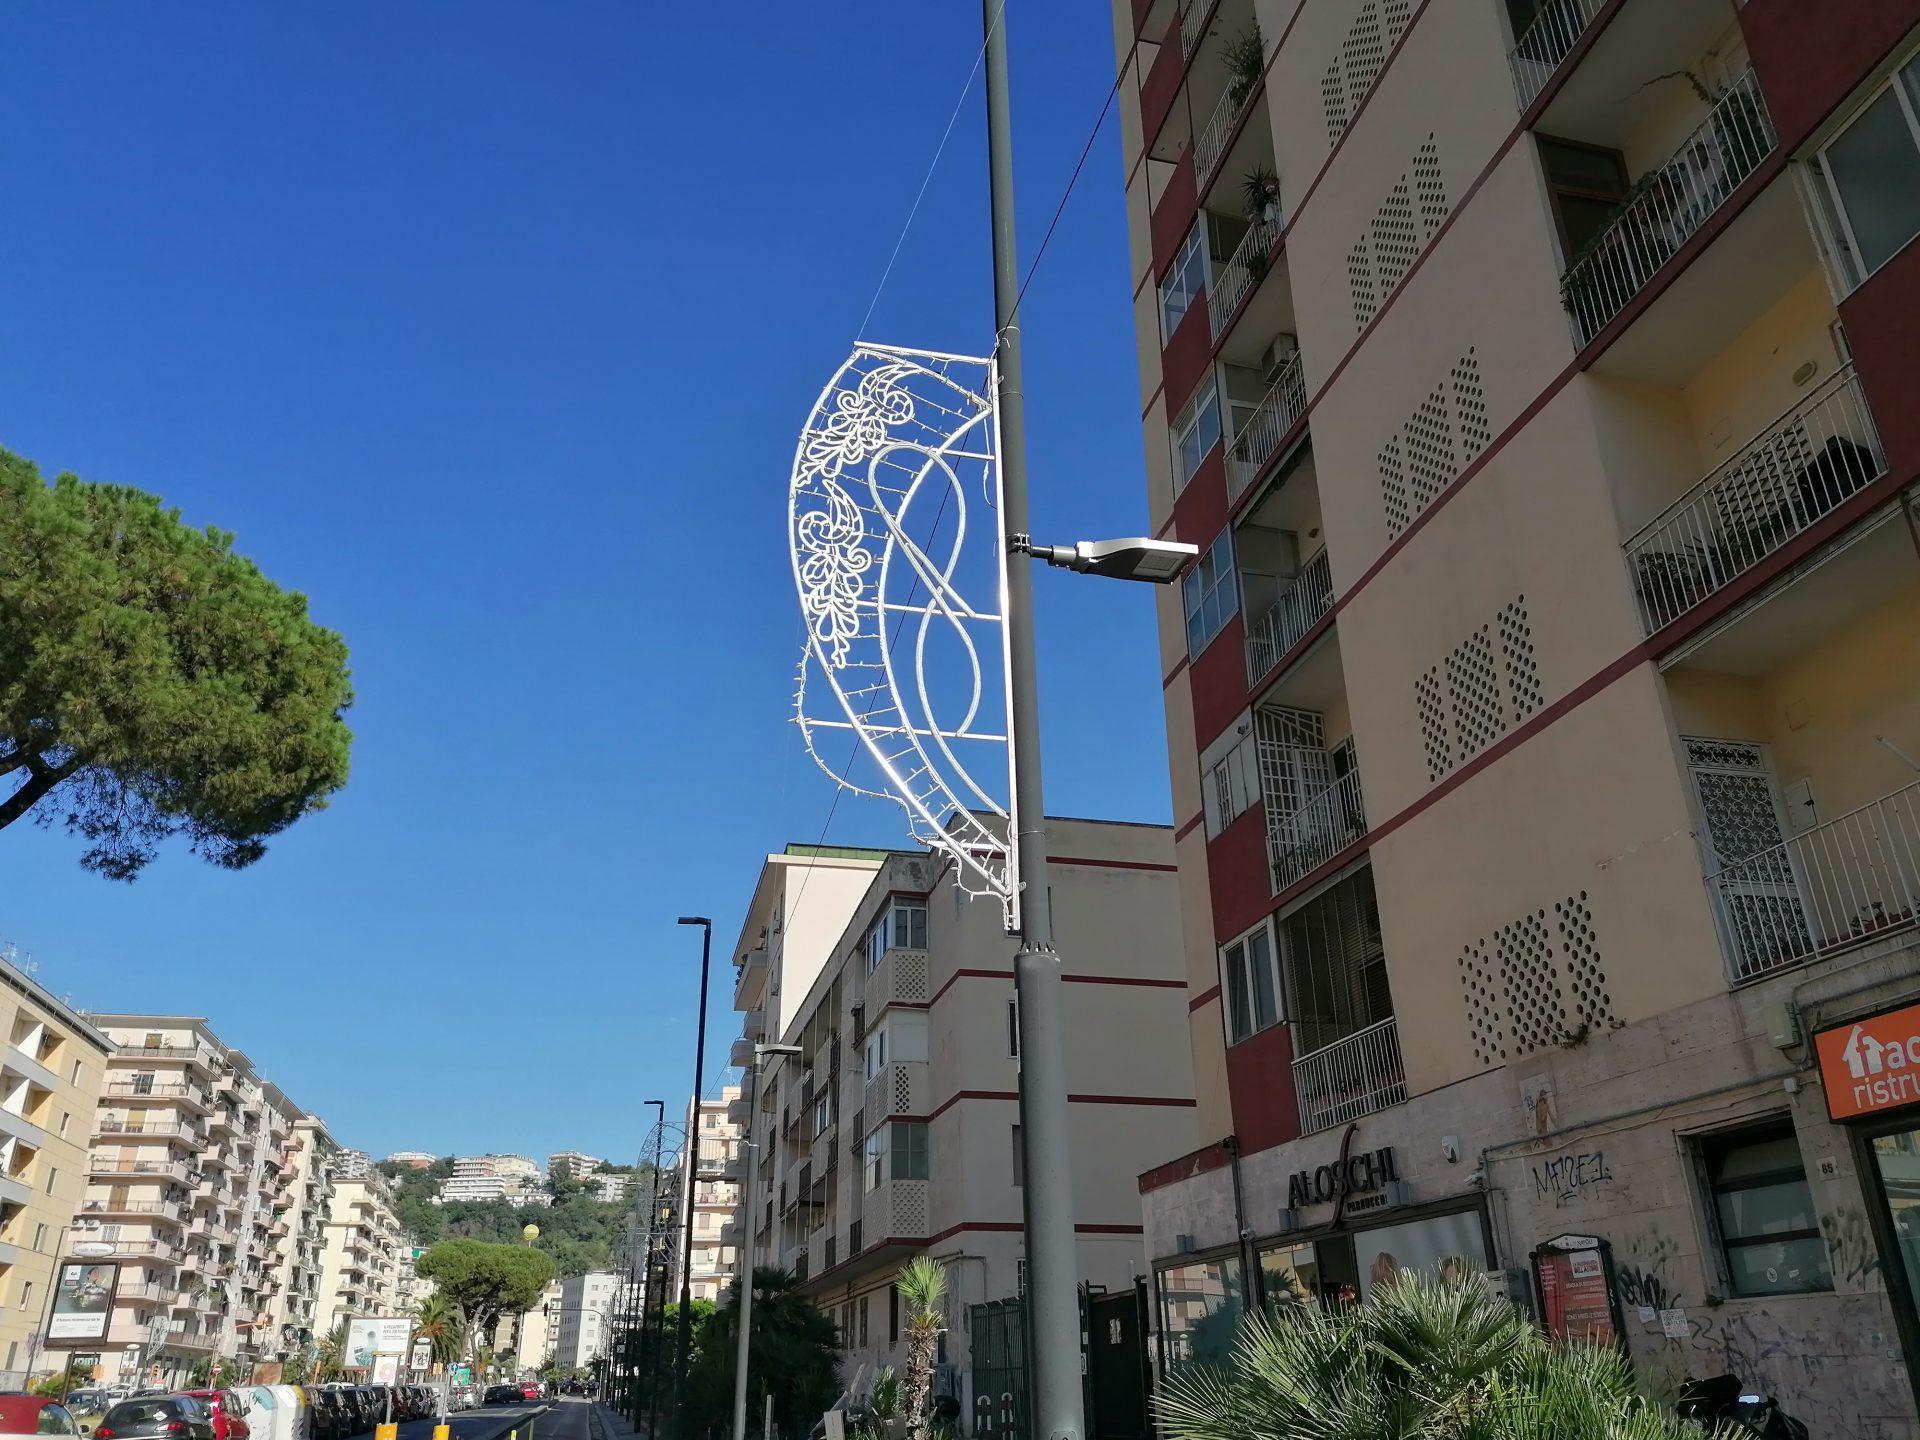 A Napoli il Natale arriva prima: in città spuntano già le luminarie natalizie